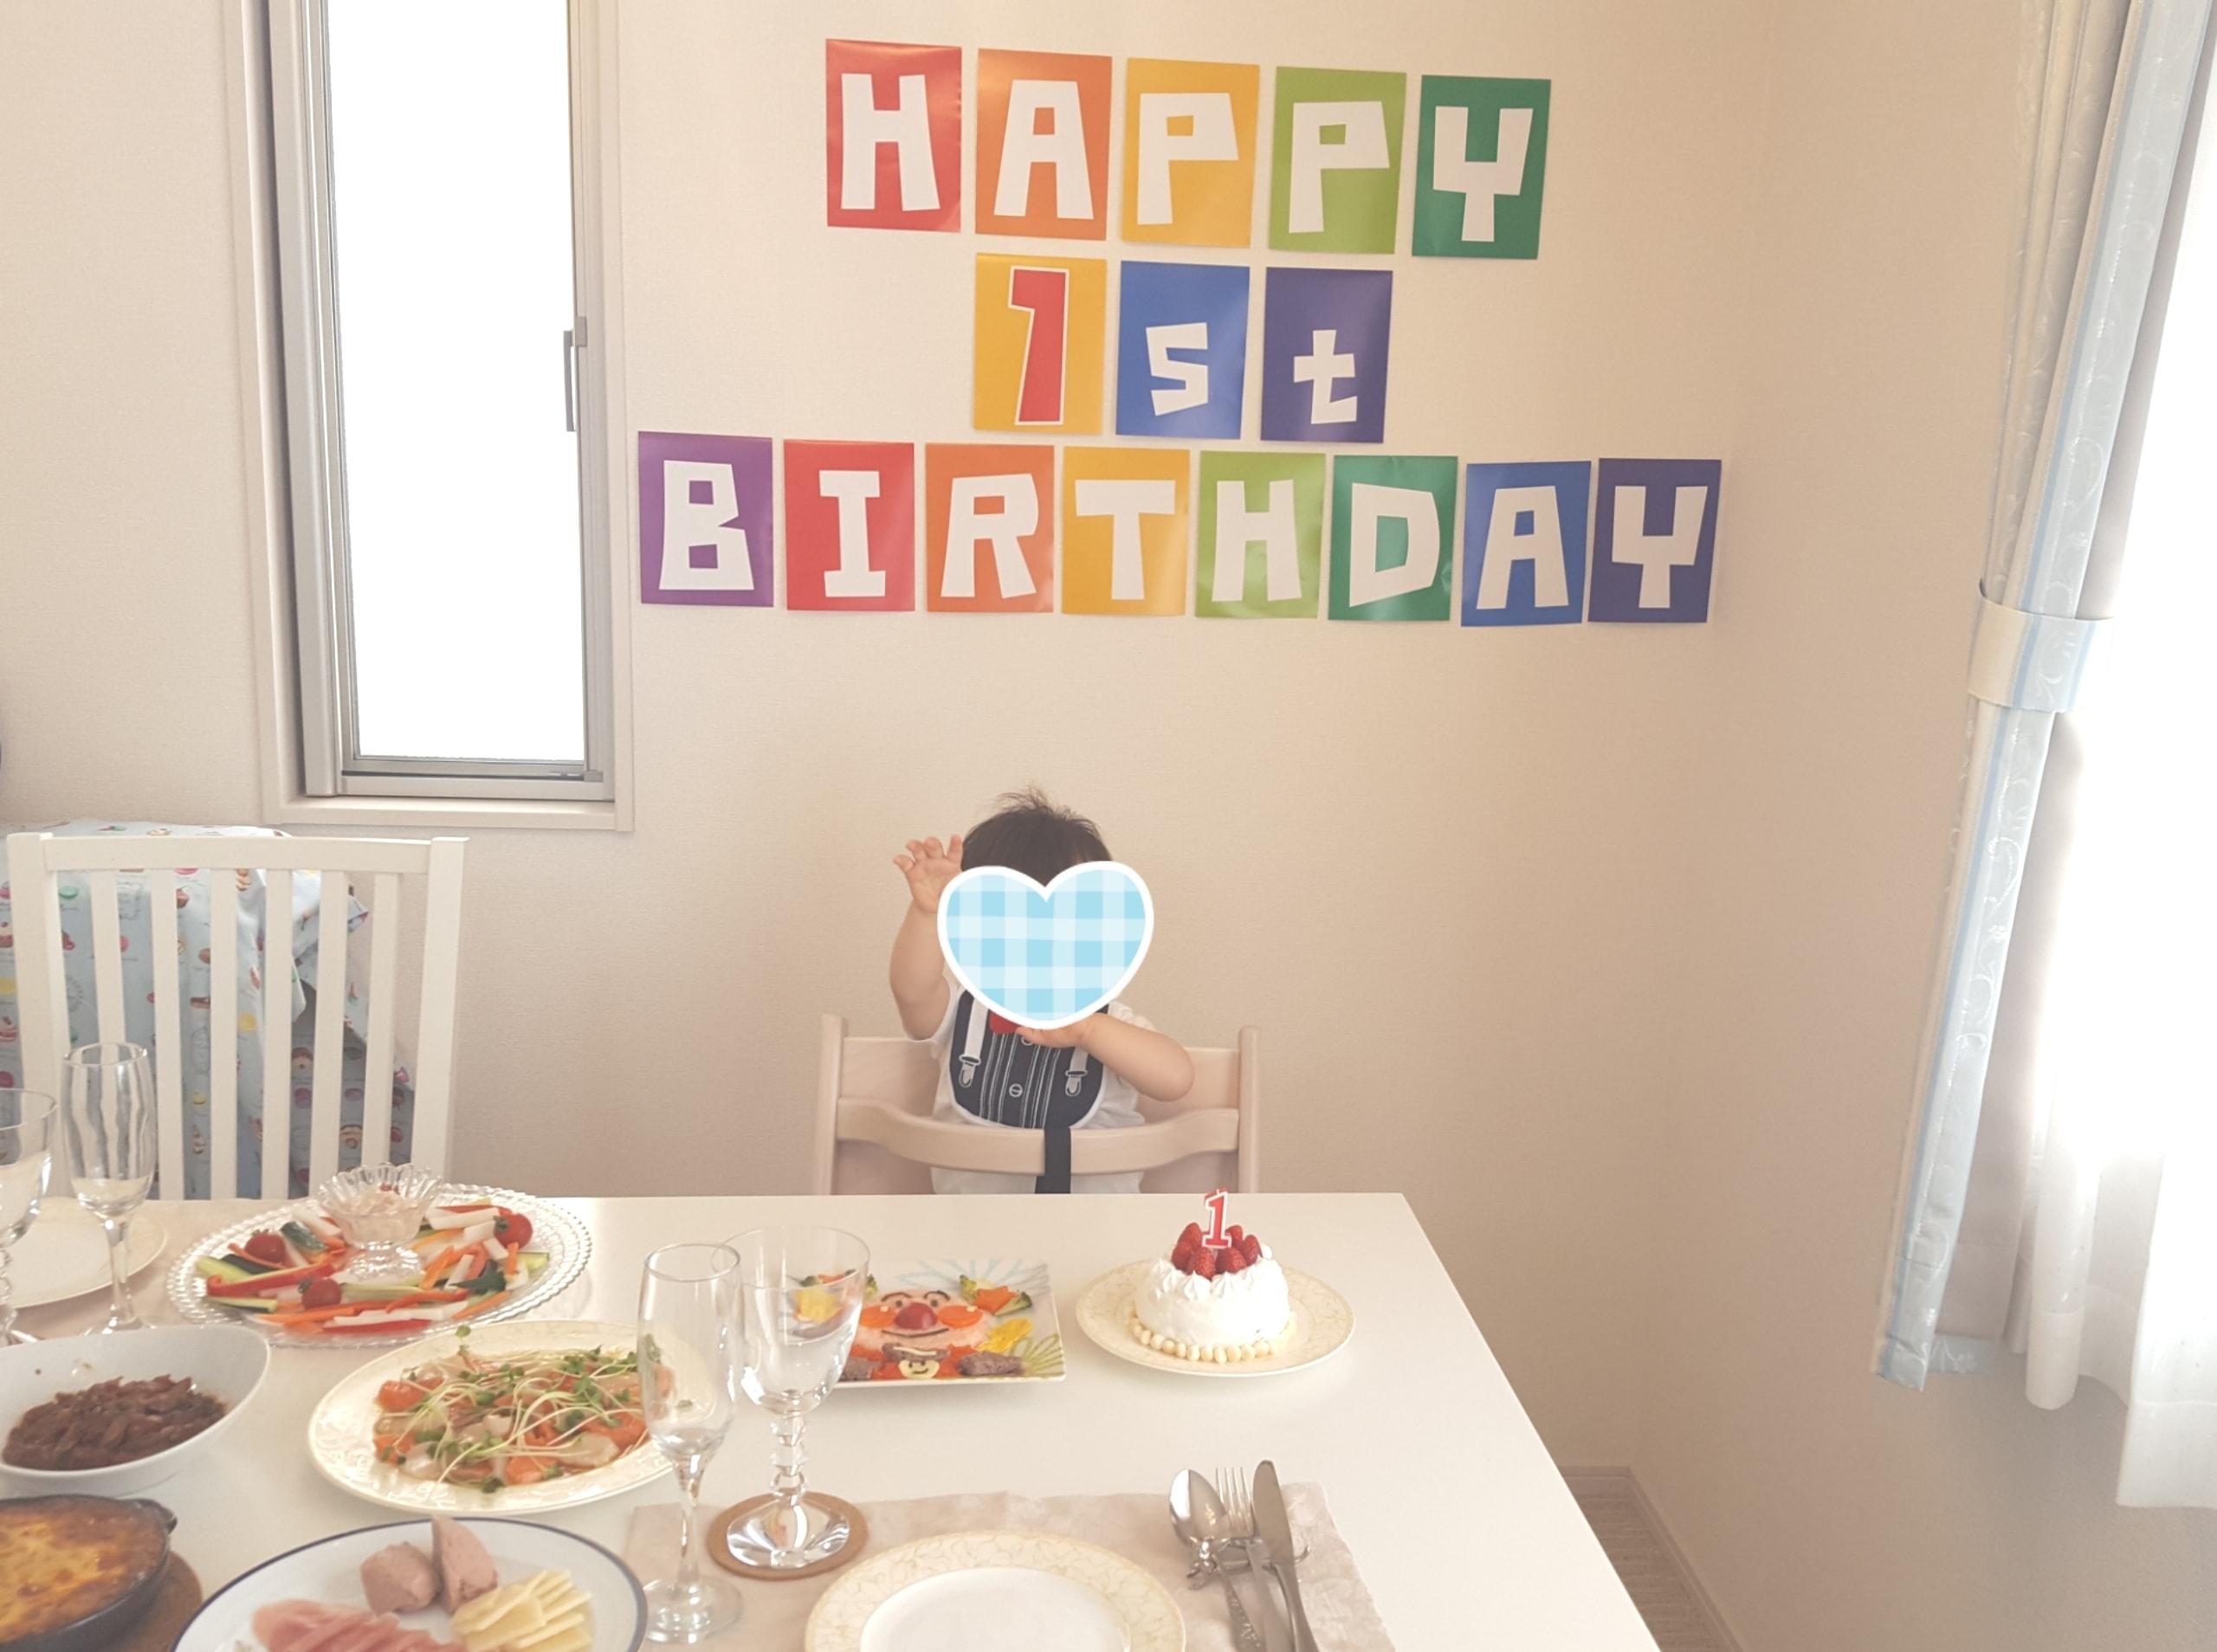 ★1歳の誕生日レポ★自宅の飾りつけや誕生日御膳&ケーキ、イベントや誕生日プレゼントまで過ごした内容をすべて公開!